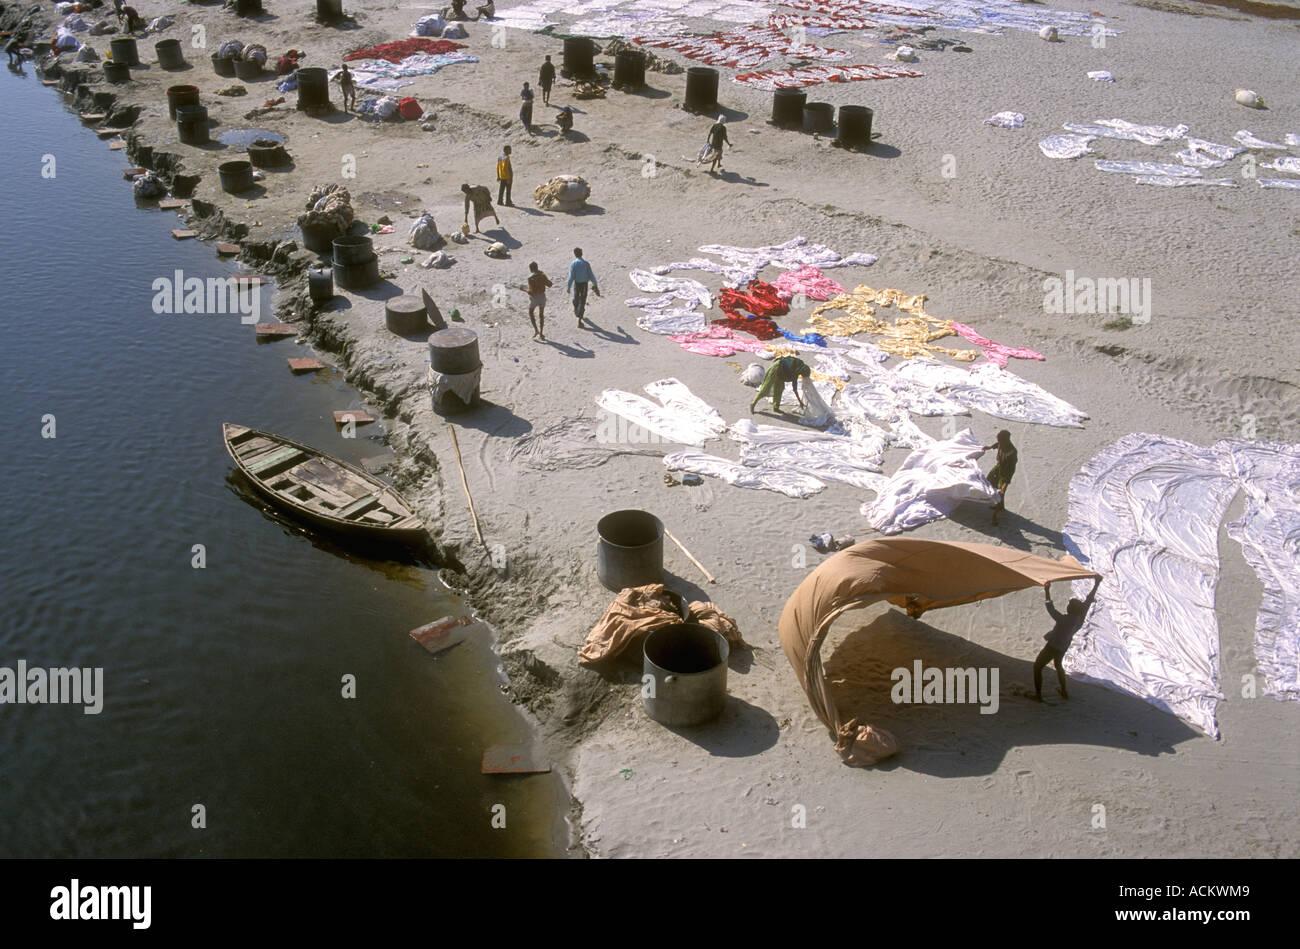 Servicio de lavandería se propagó a secar sobre los bancos de arena del río Yamuna Agra en Uttar Pradesh, India Imagen De Stock